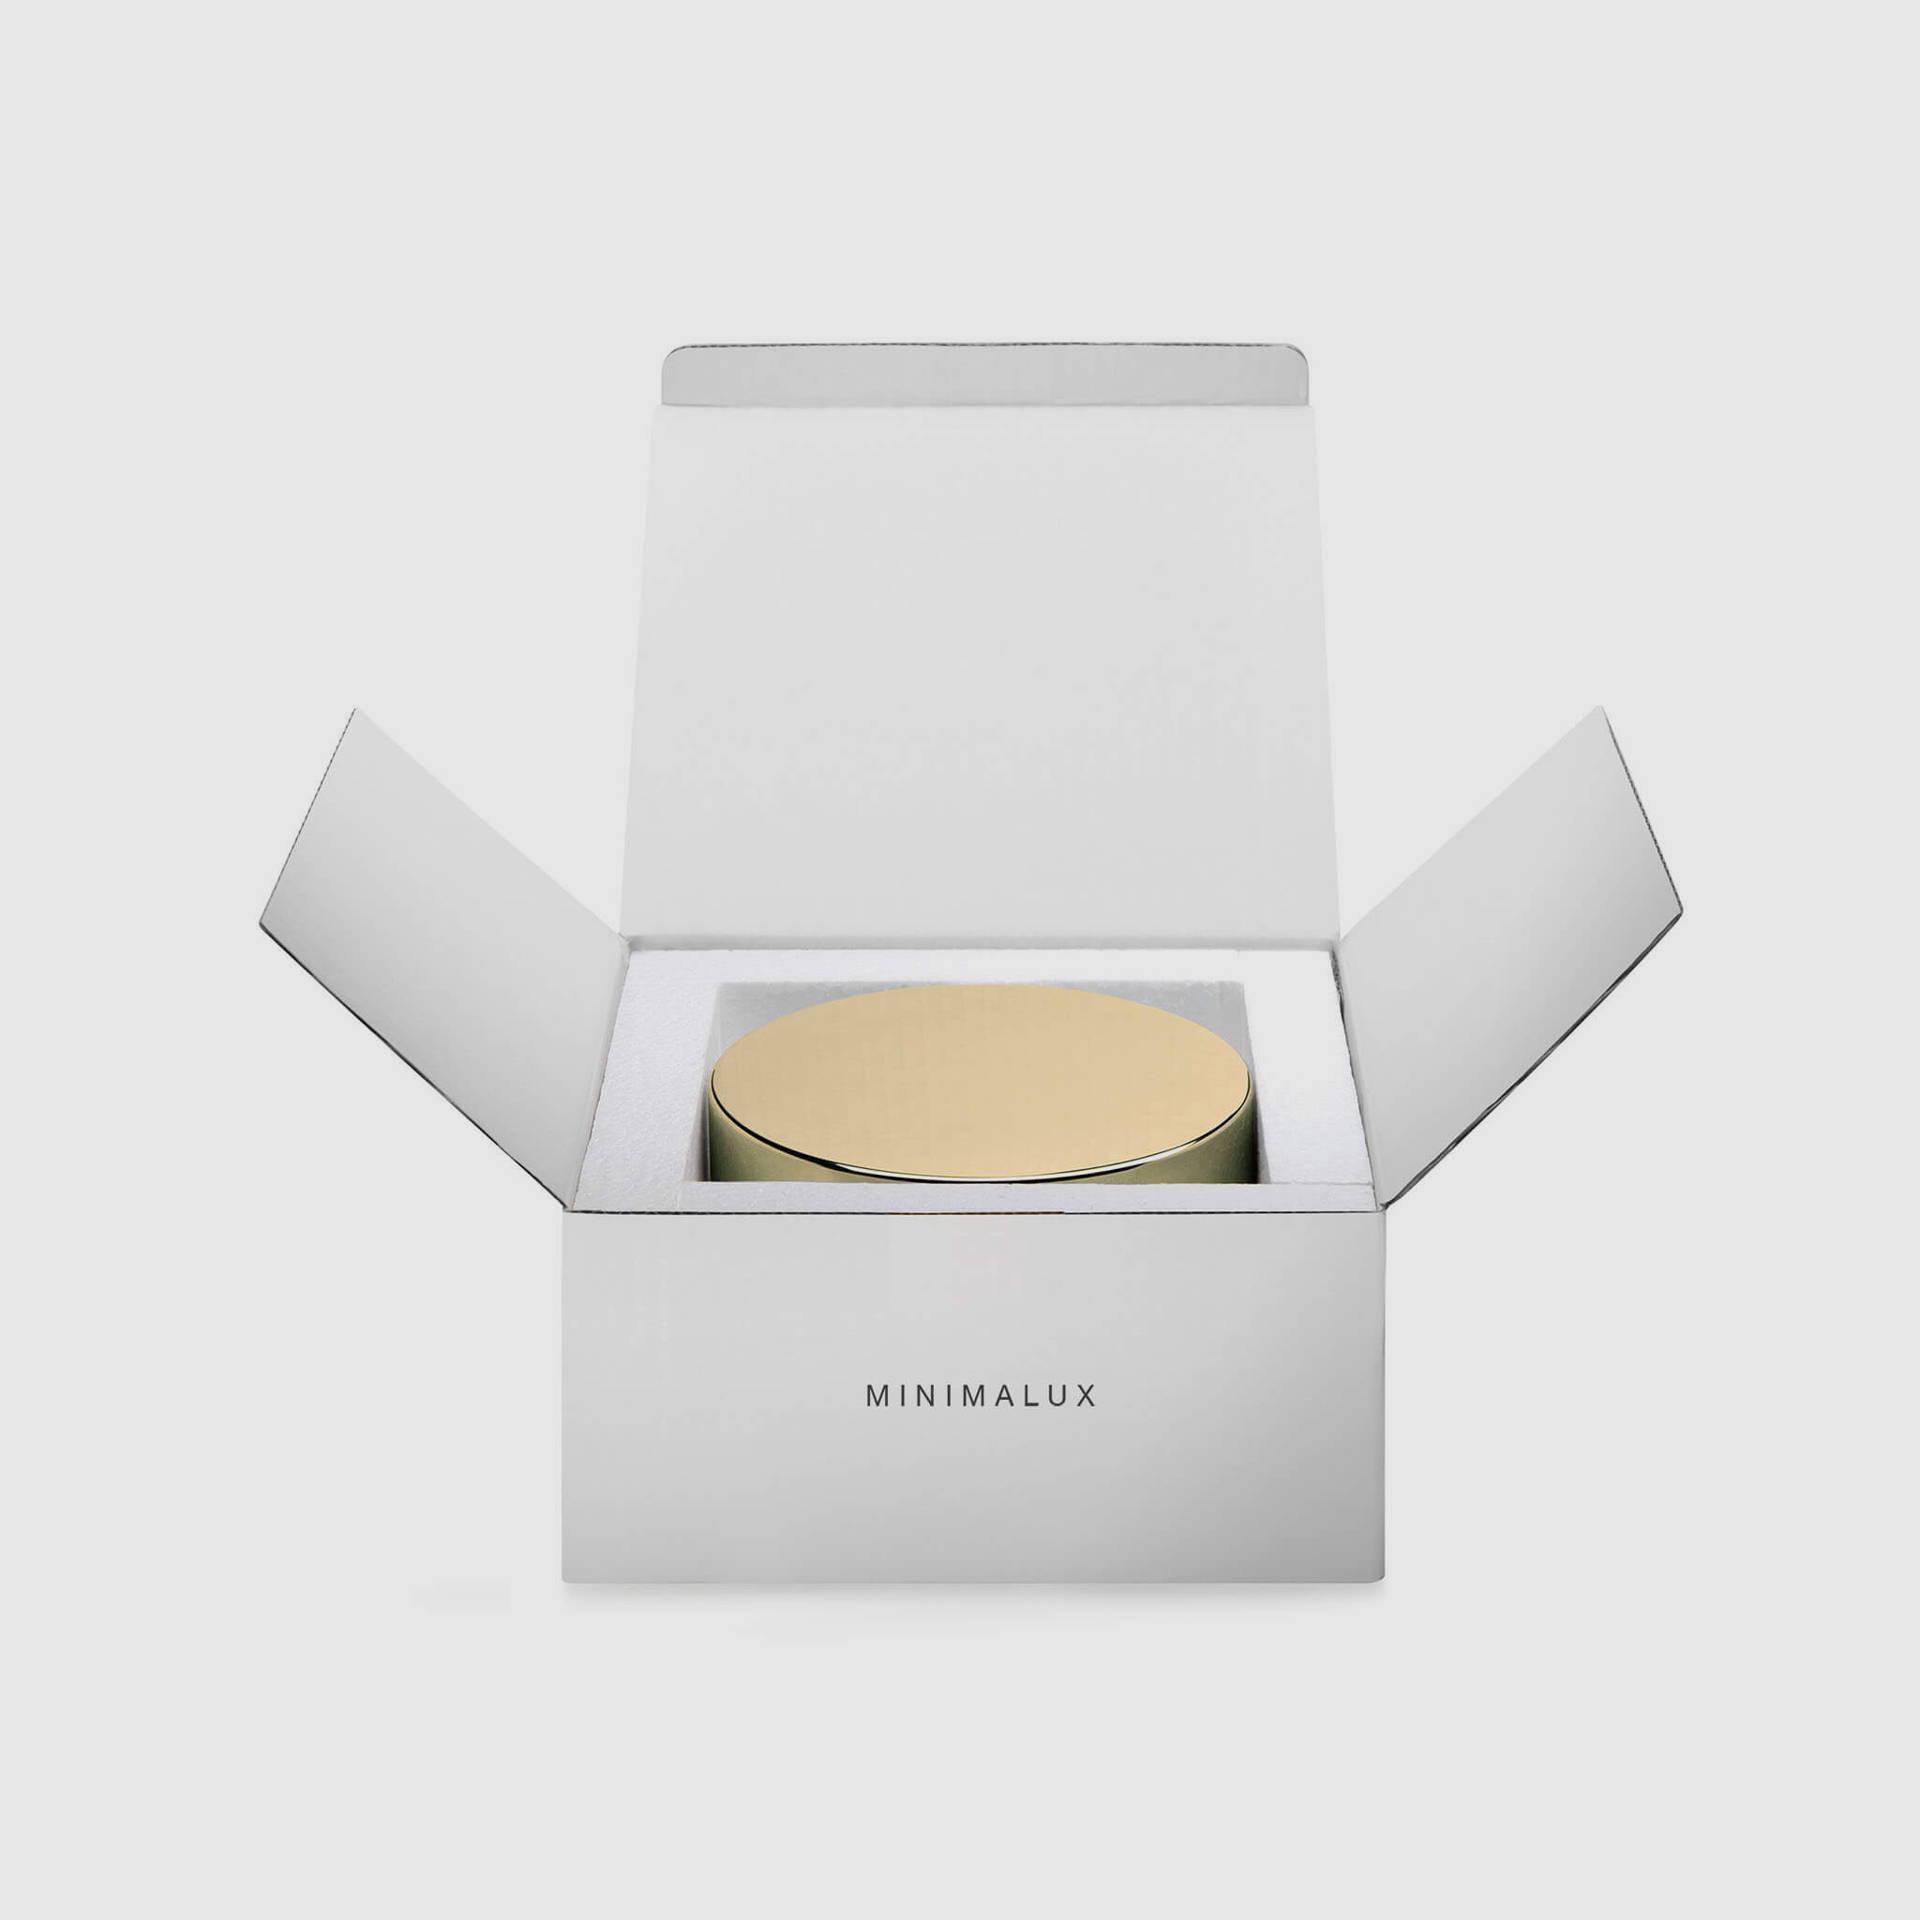 Mirror Disc packaging